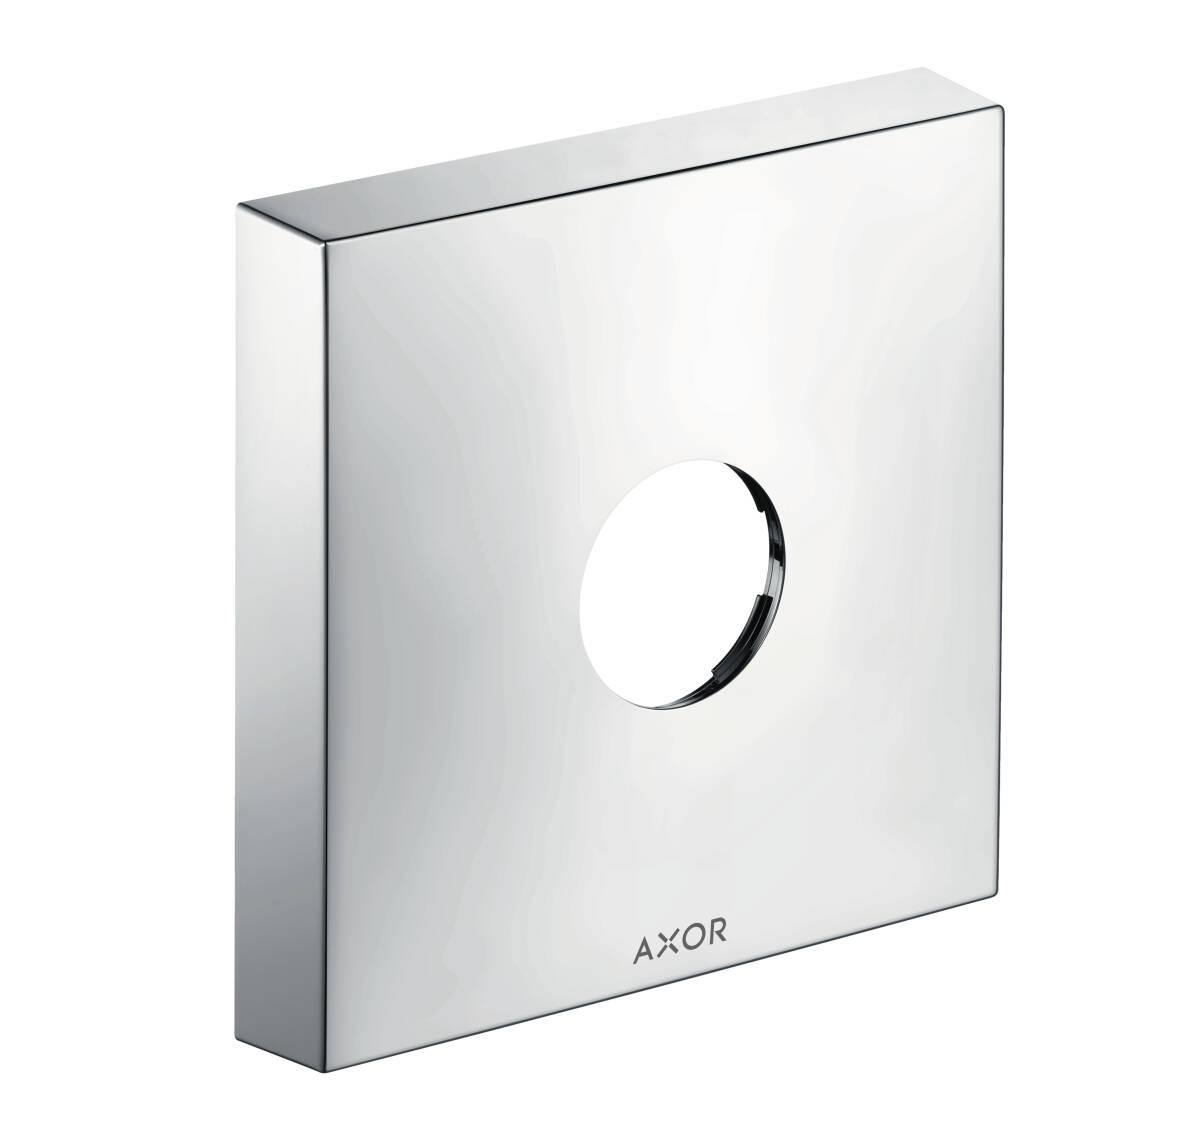 Extension element square 1-hole, Chrome, 14964000